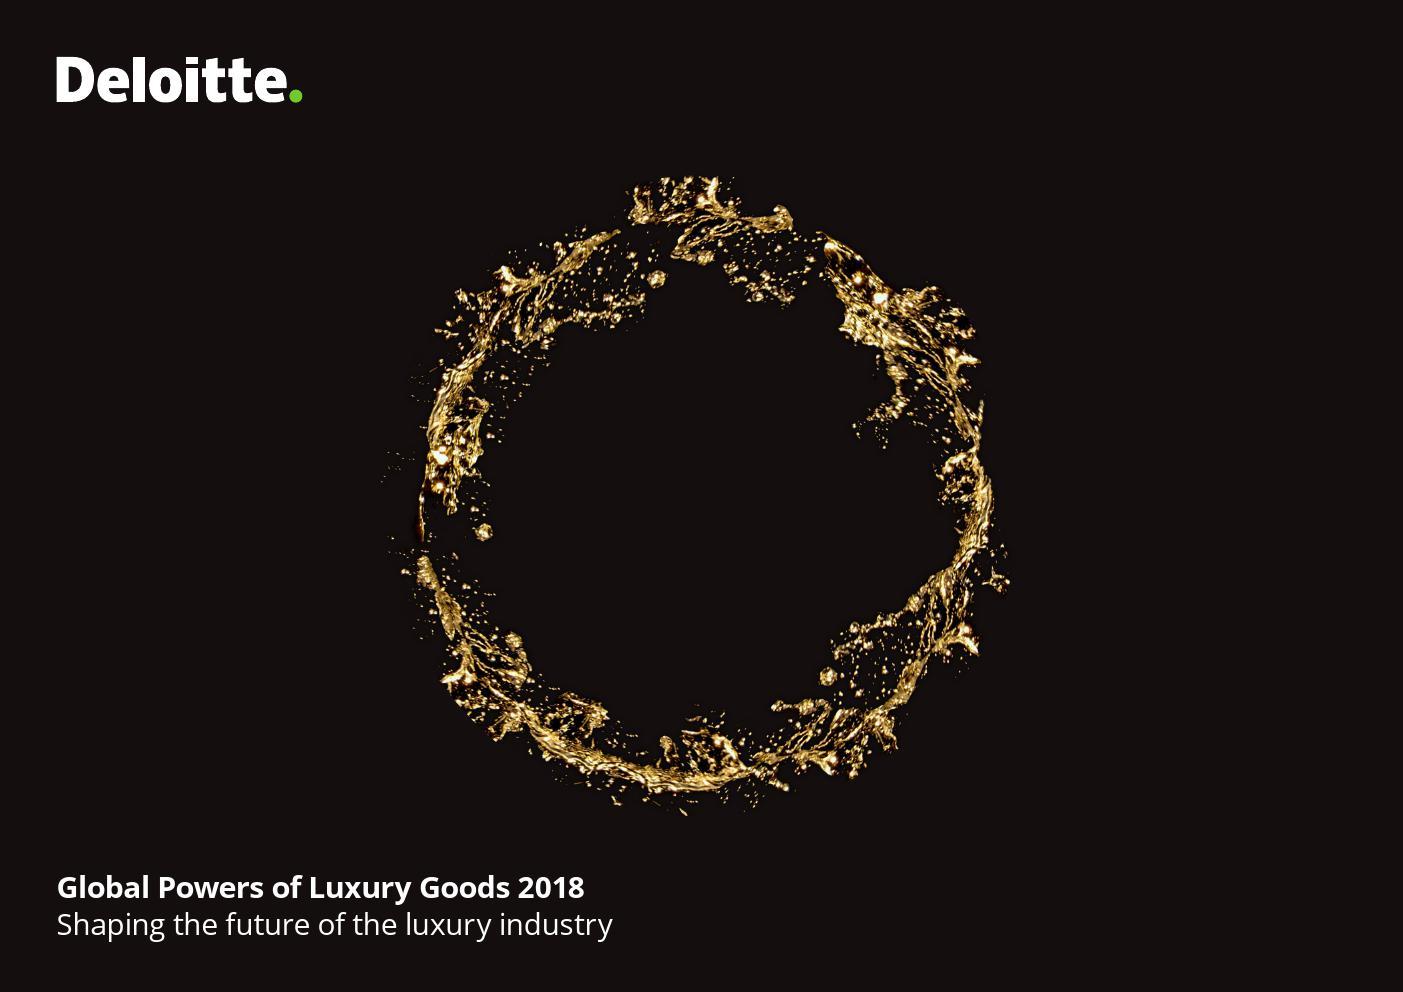 德勤咨询:2018年全球奢侈品力量排行榜